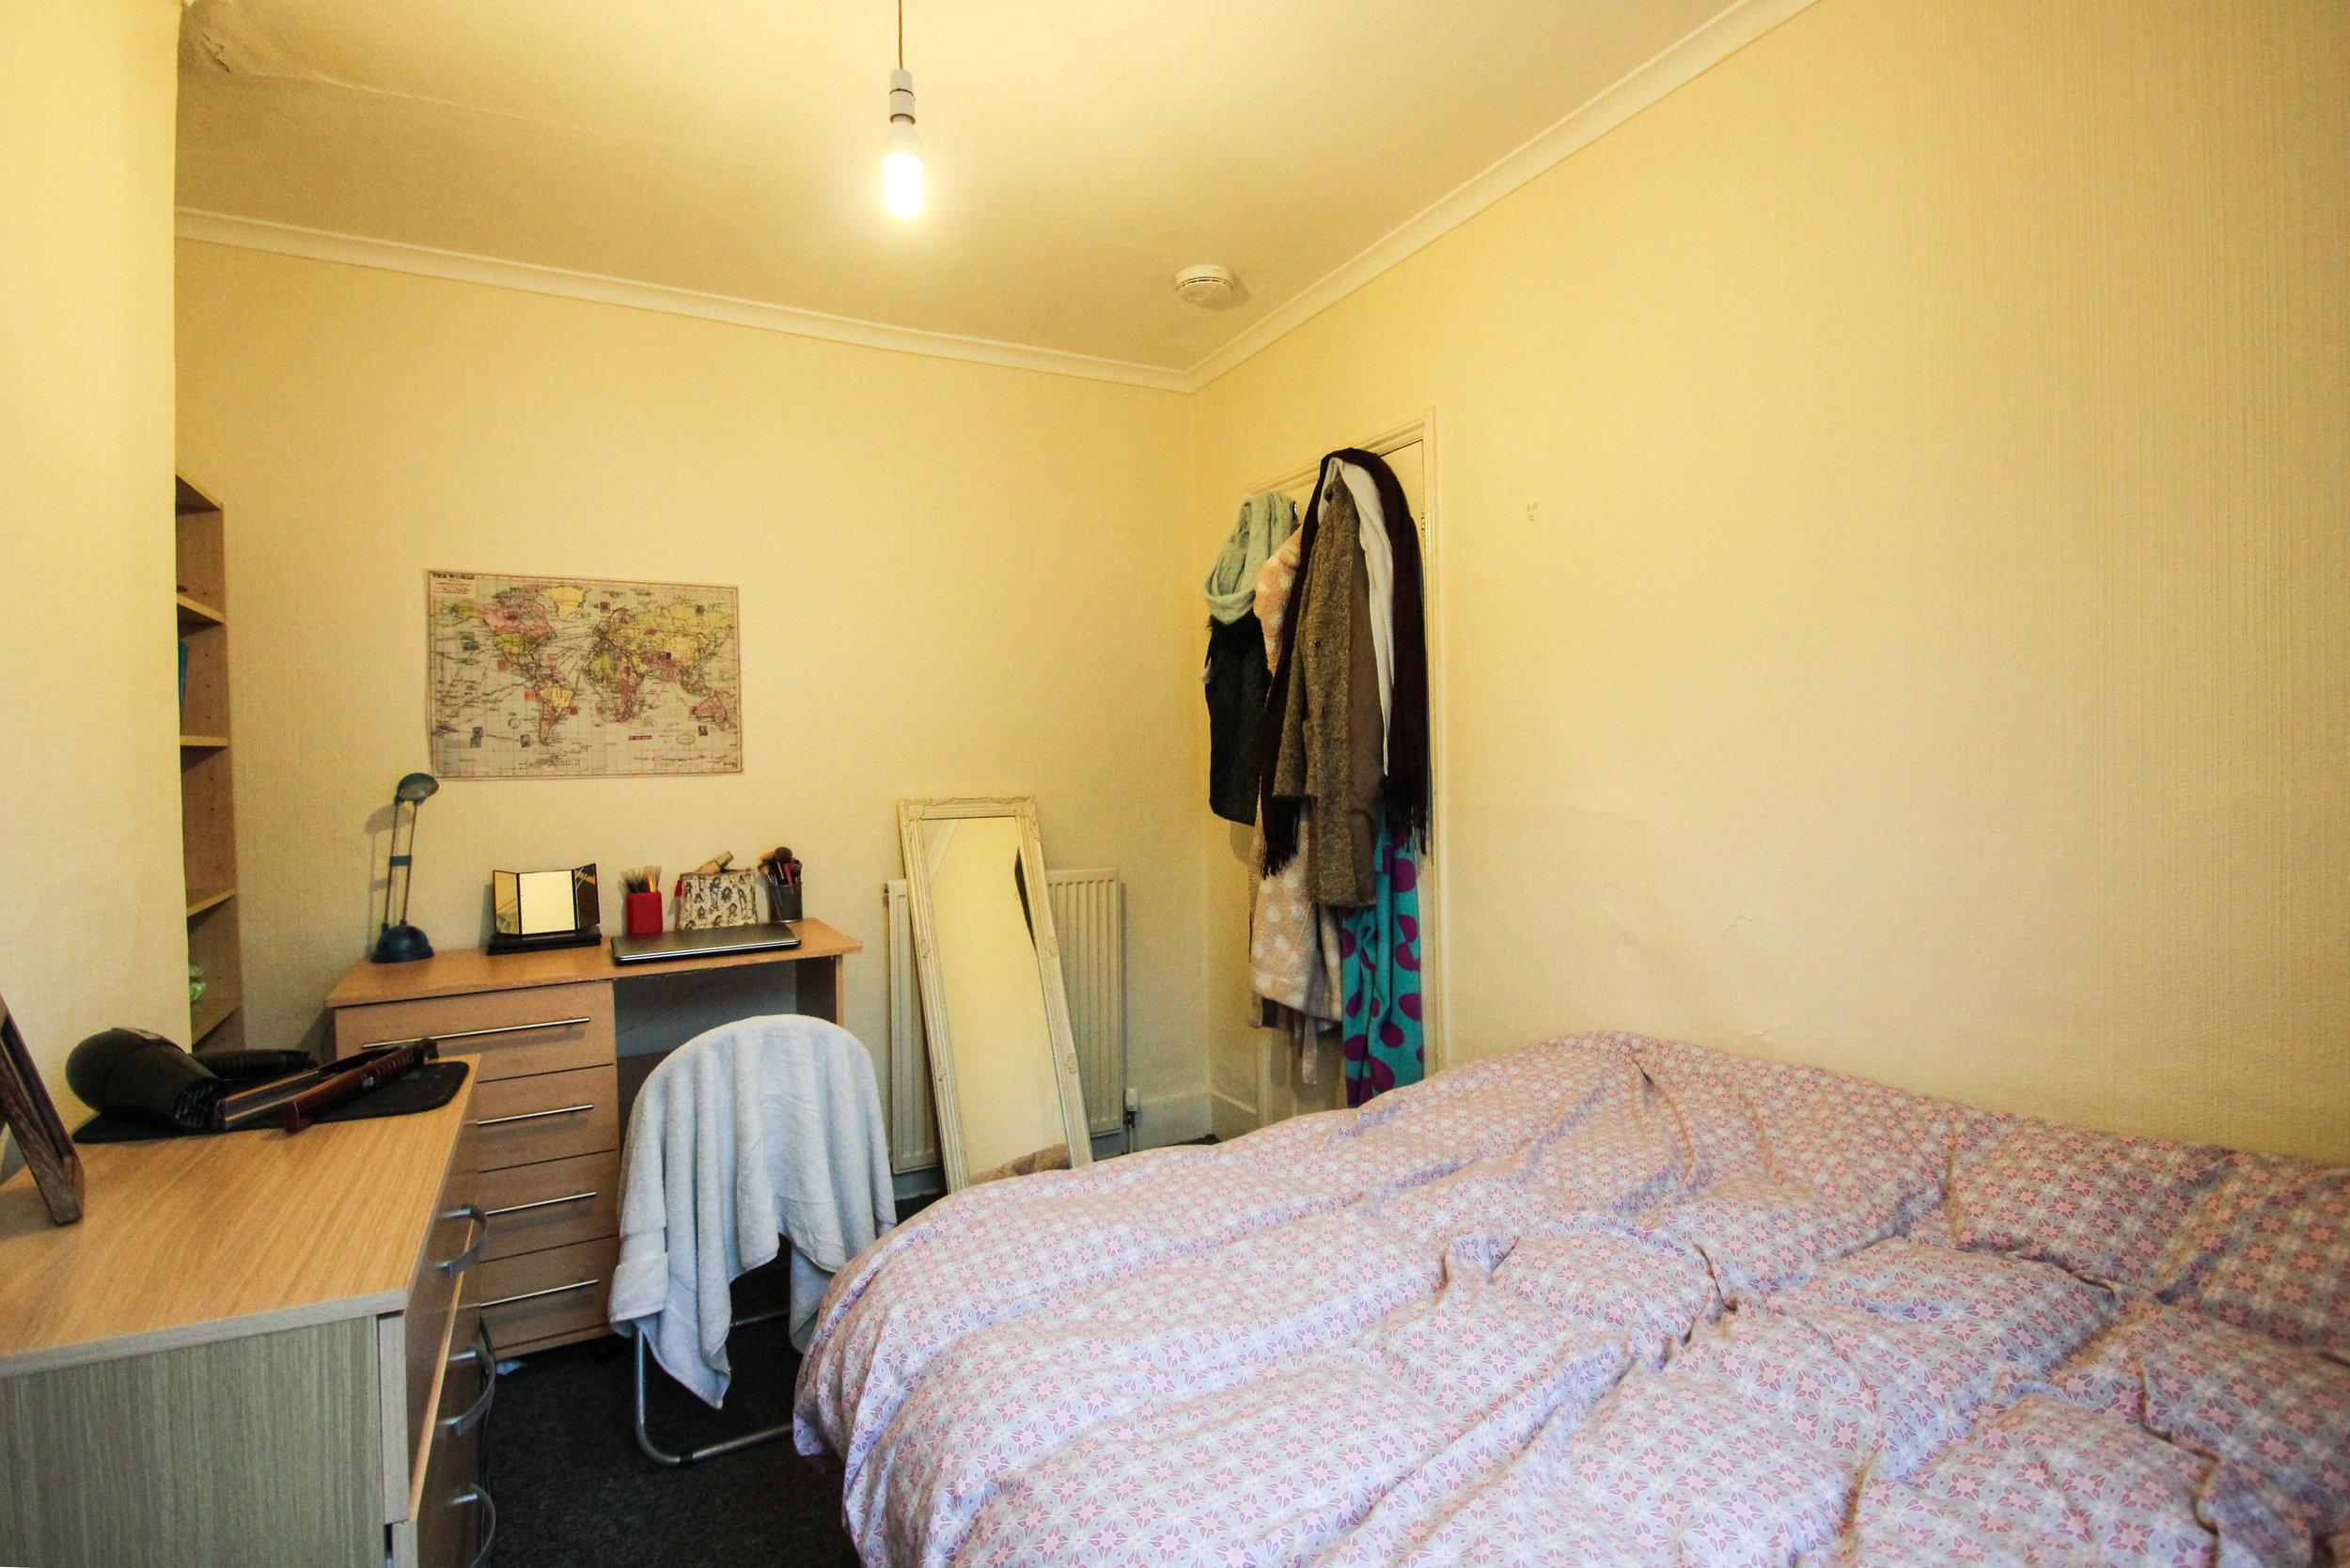 IMG_9716_edited.jpg bedroom 3.jpg